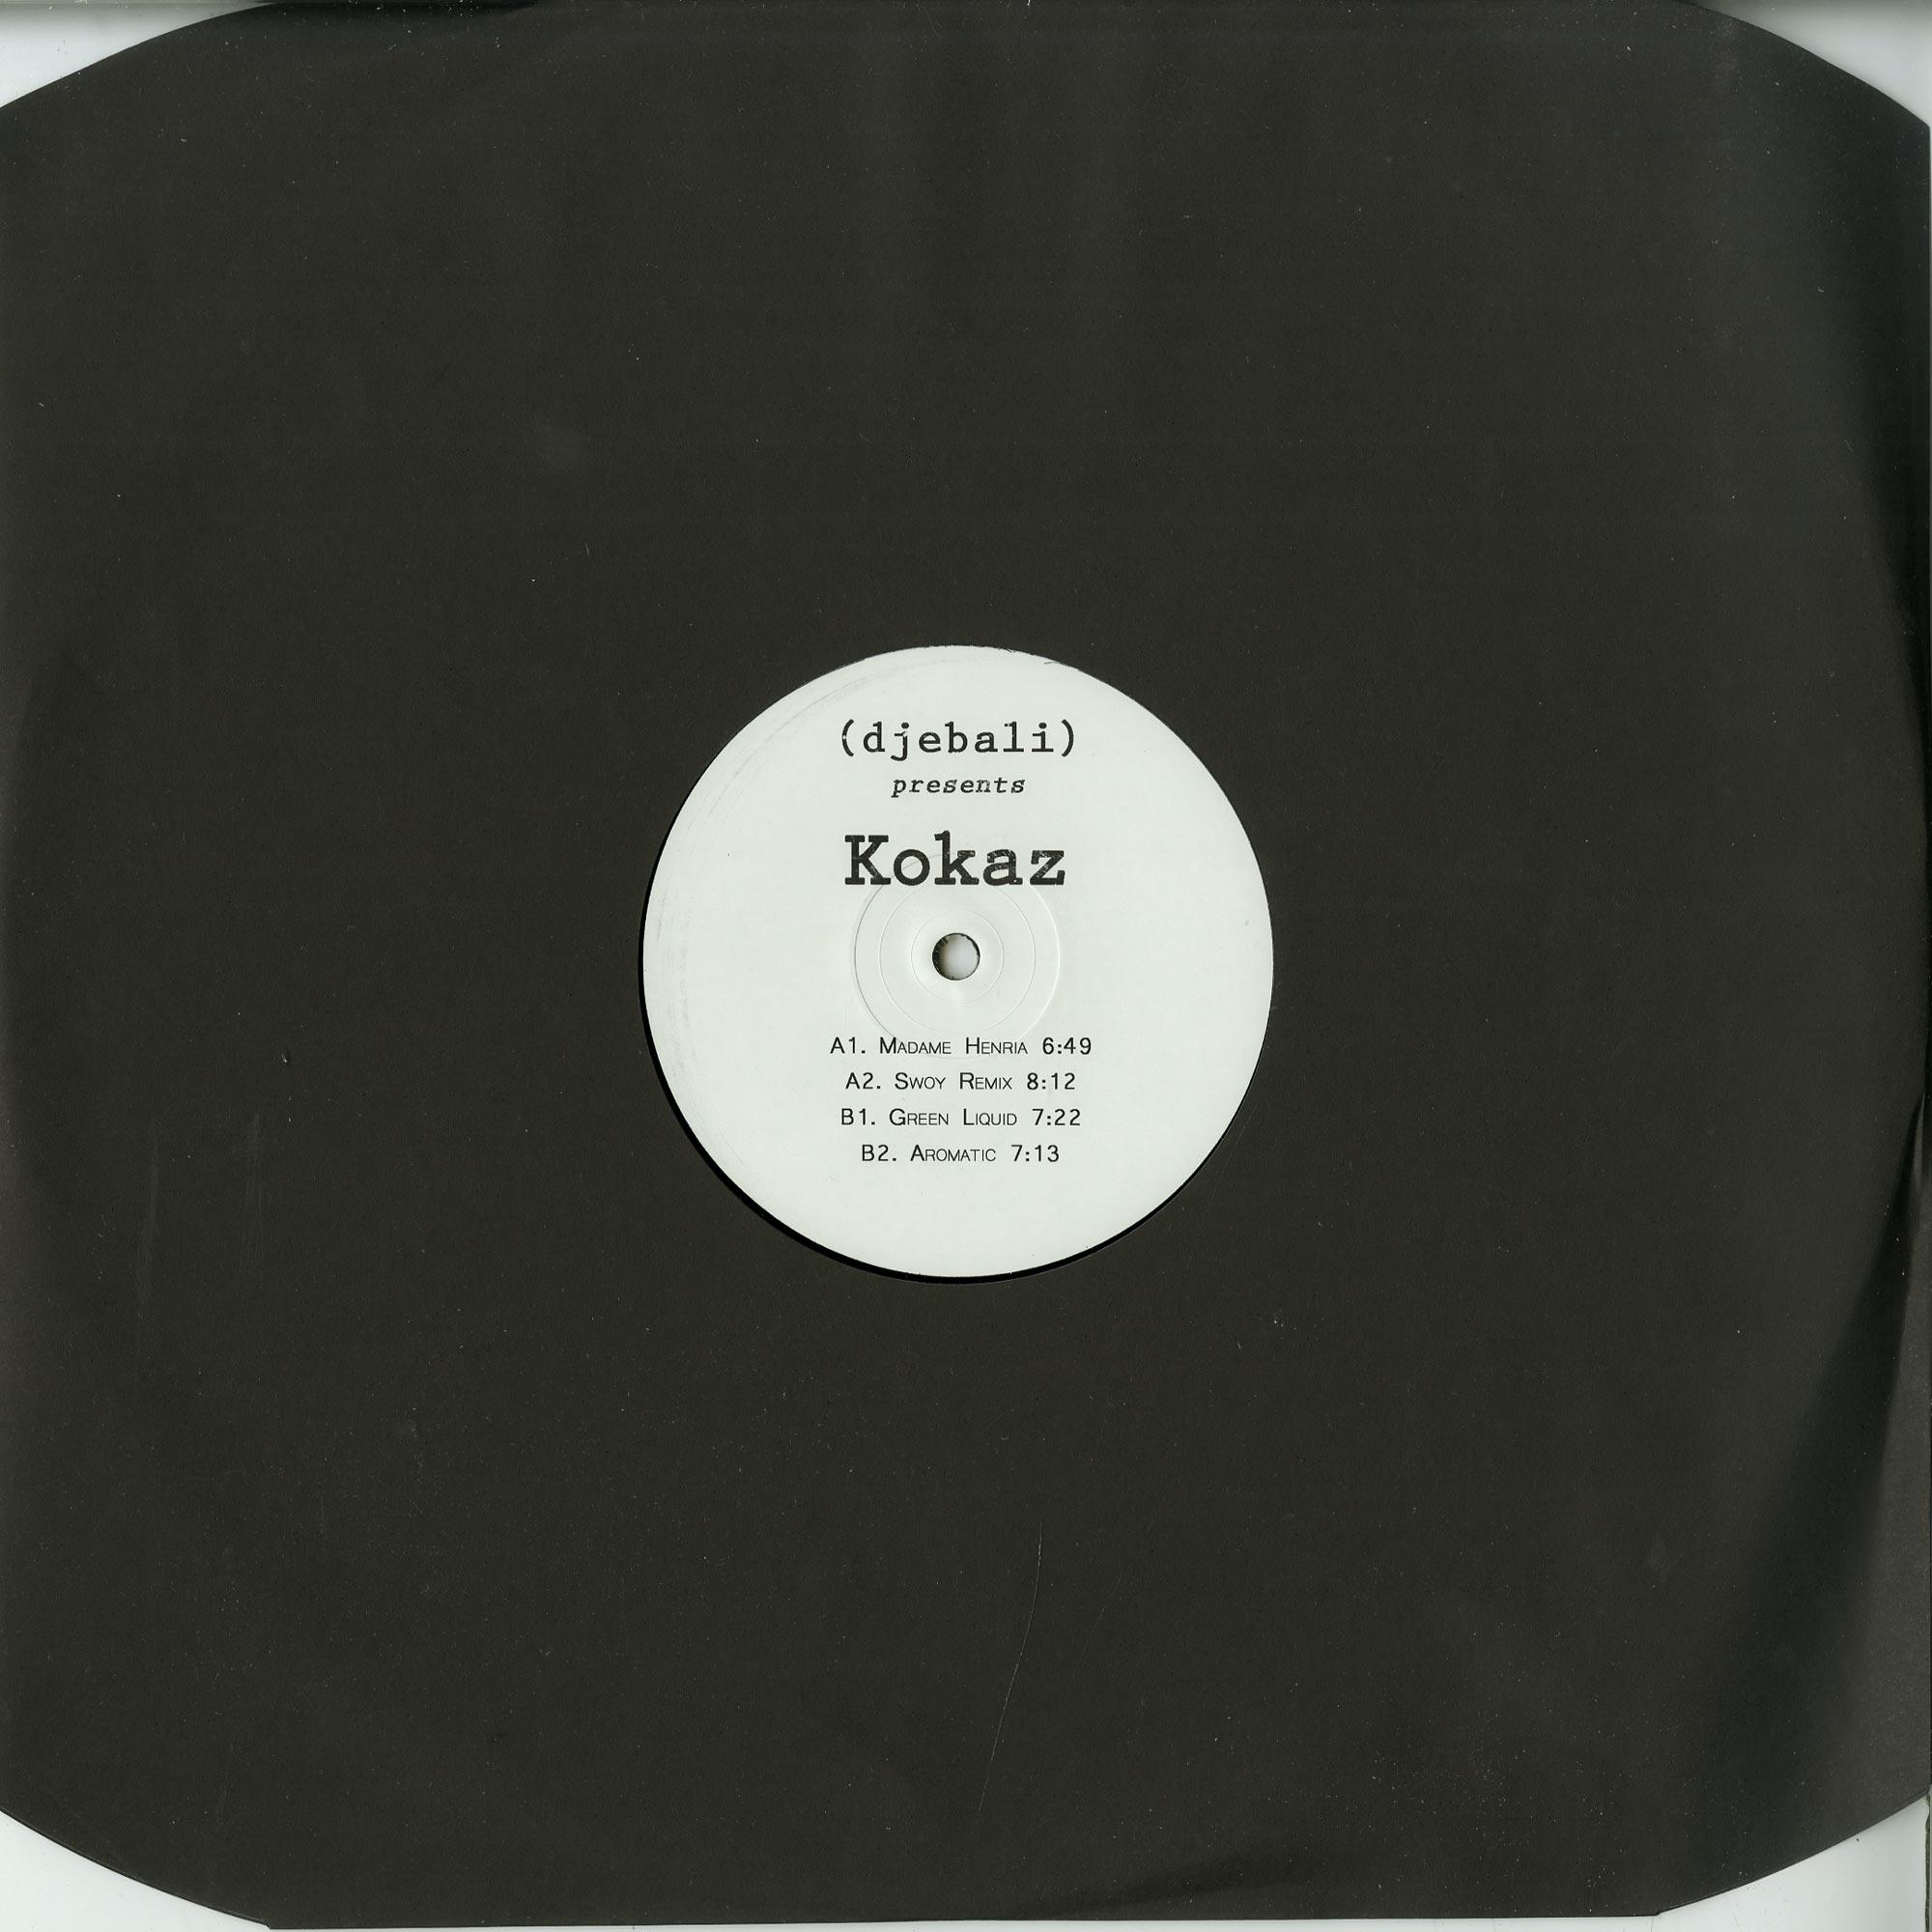 Kokaz - EP / SWOY RMX